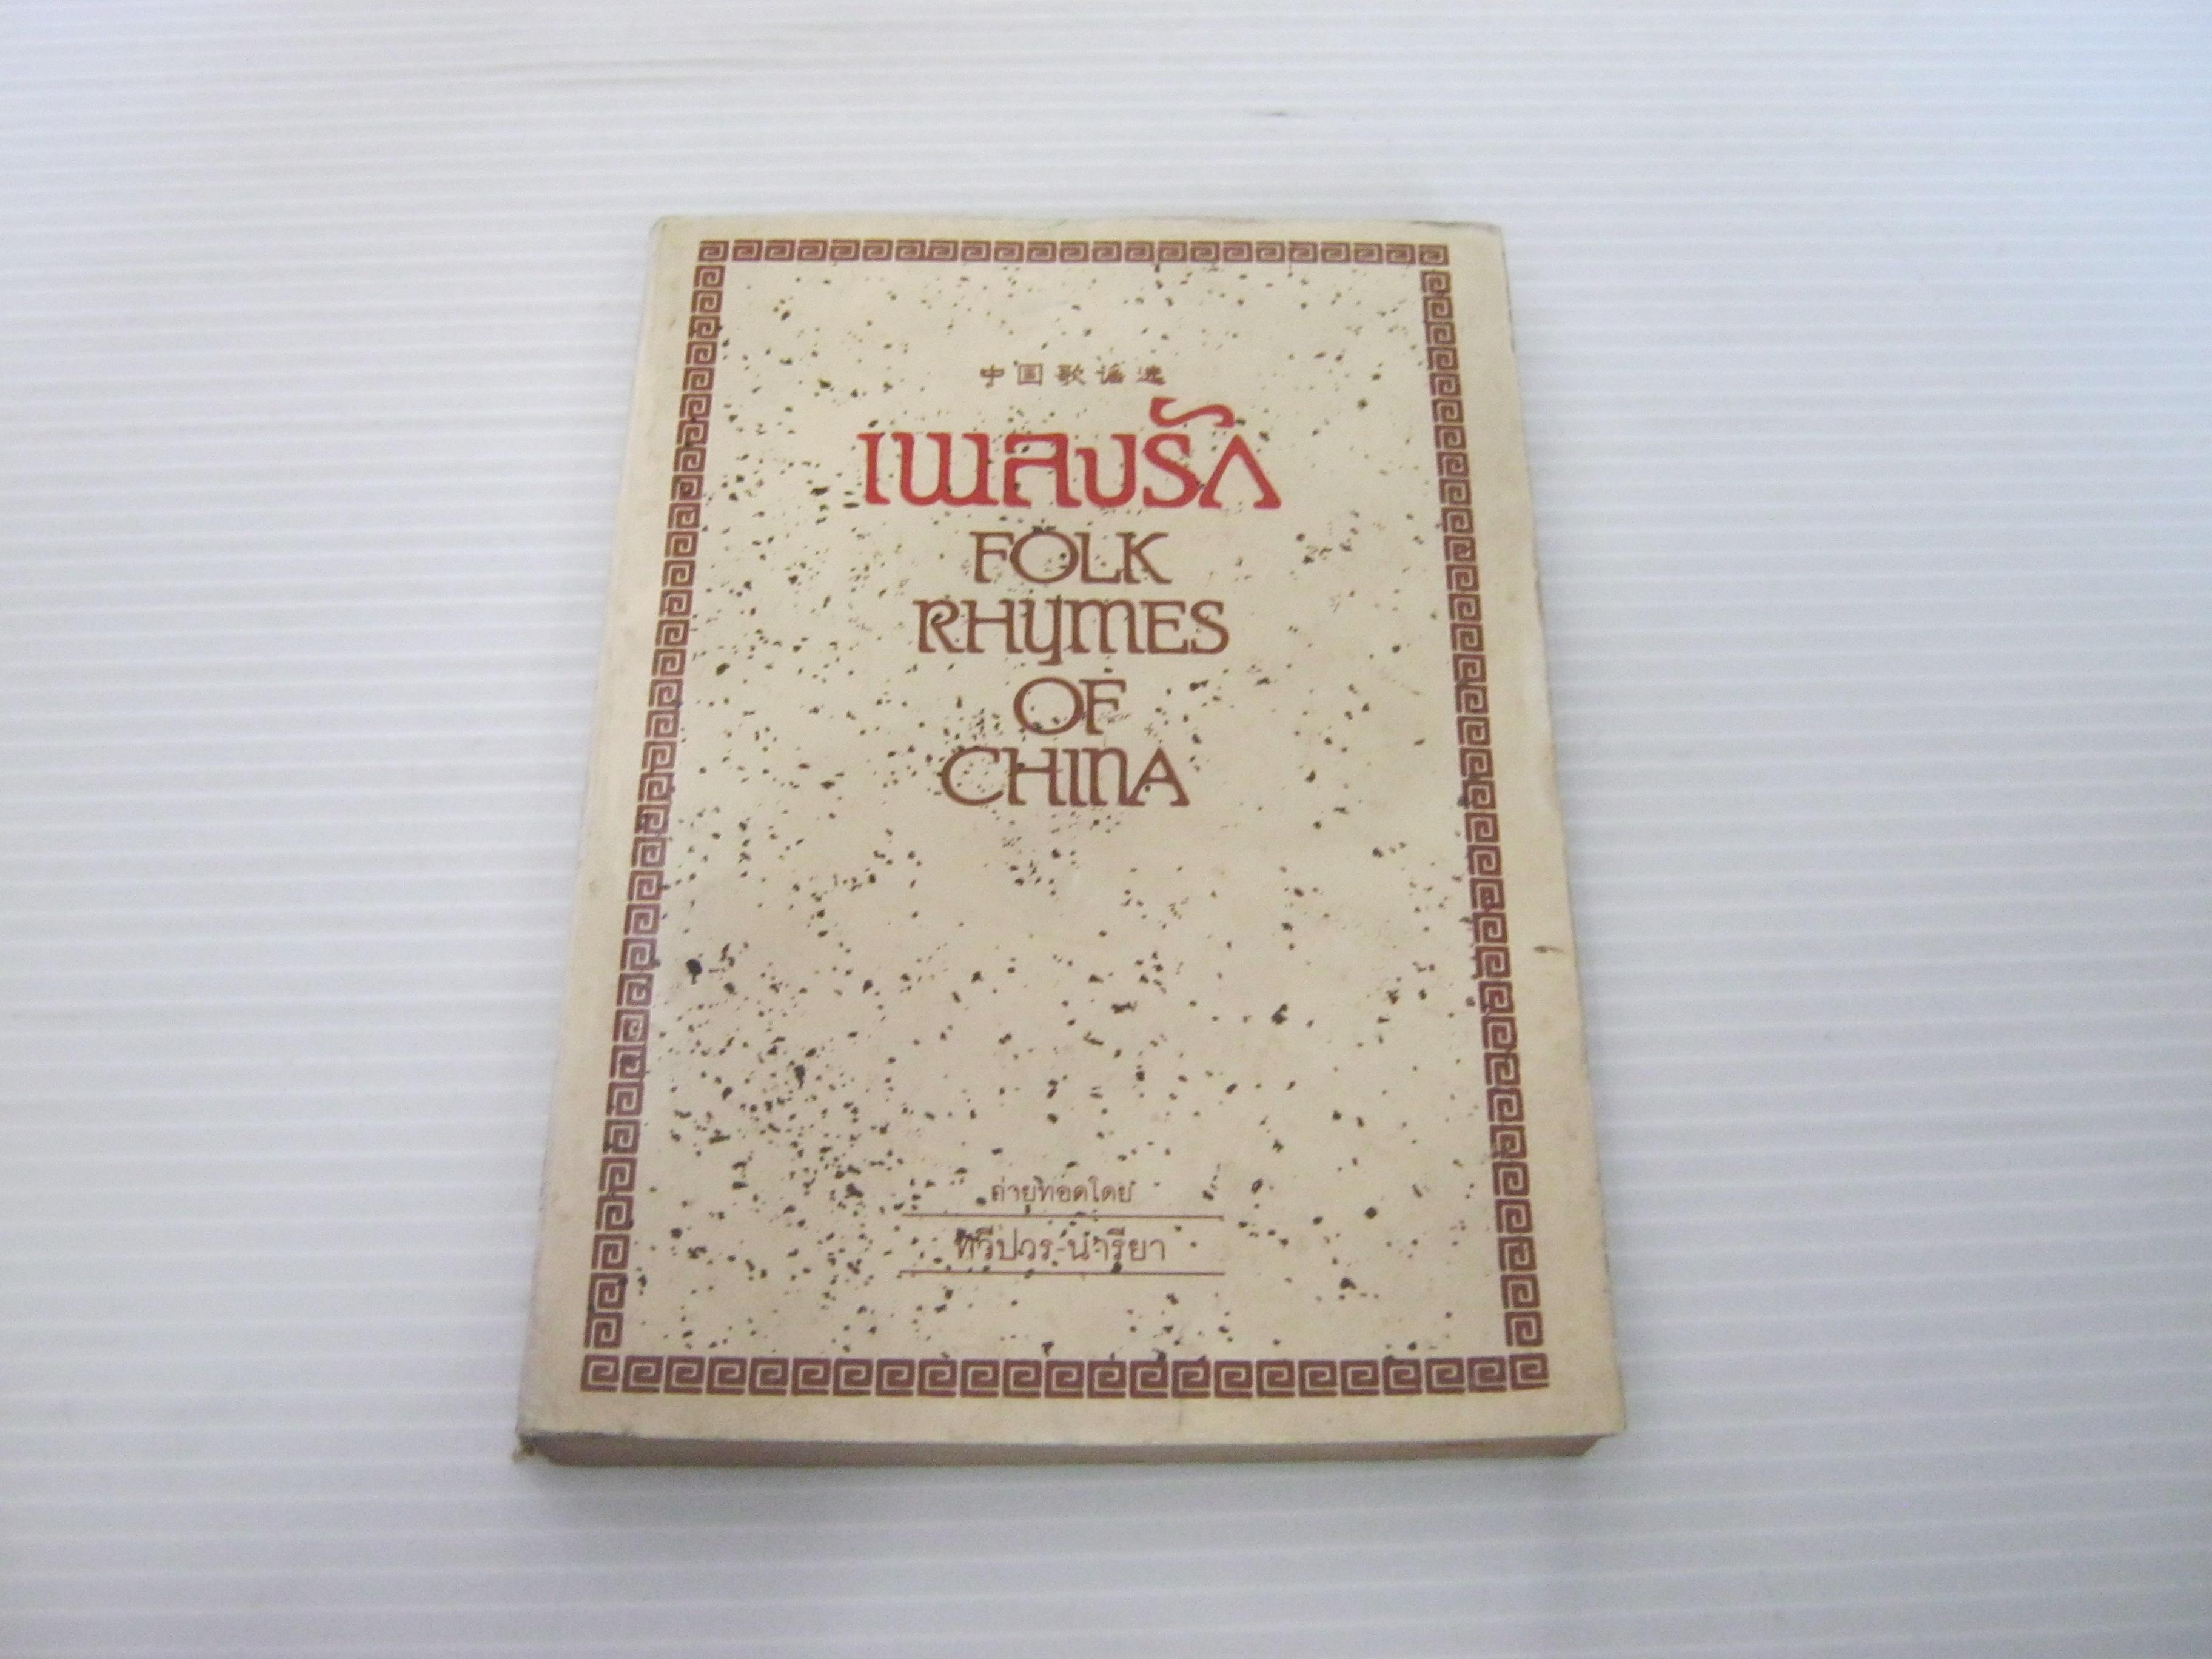 เพลงรัก (Folk Rhymes of China) ทวีปวร นารียา แปล